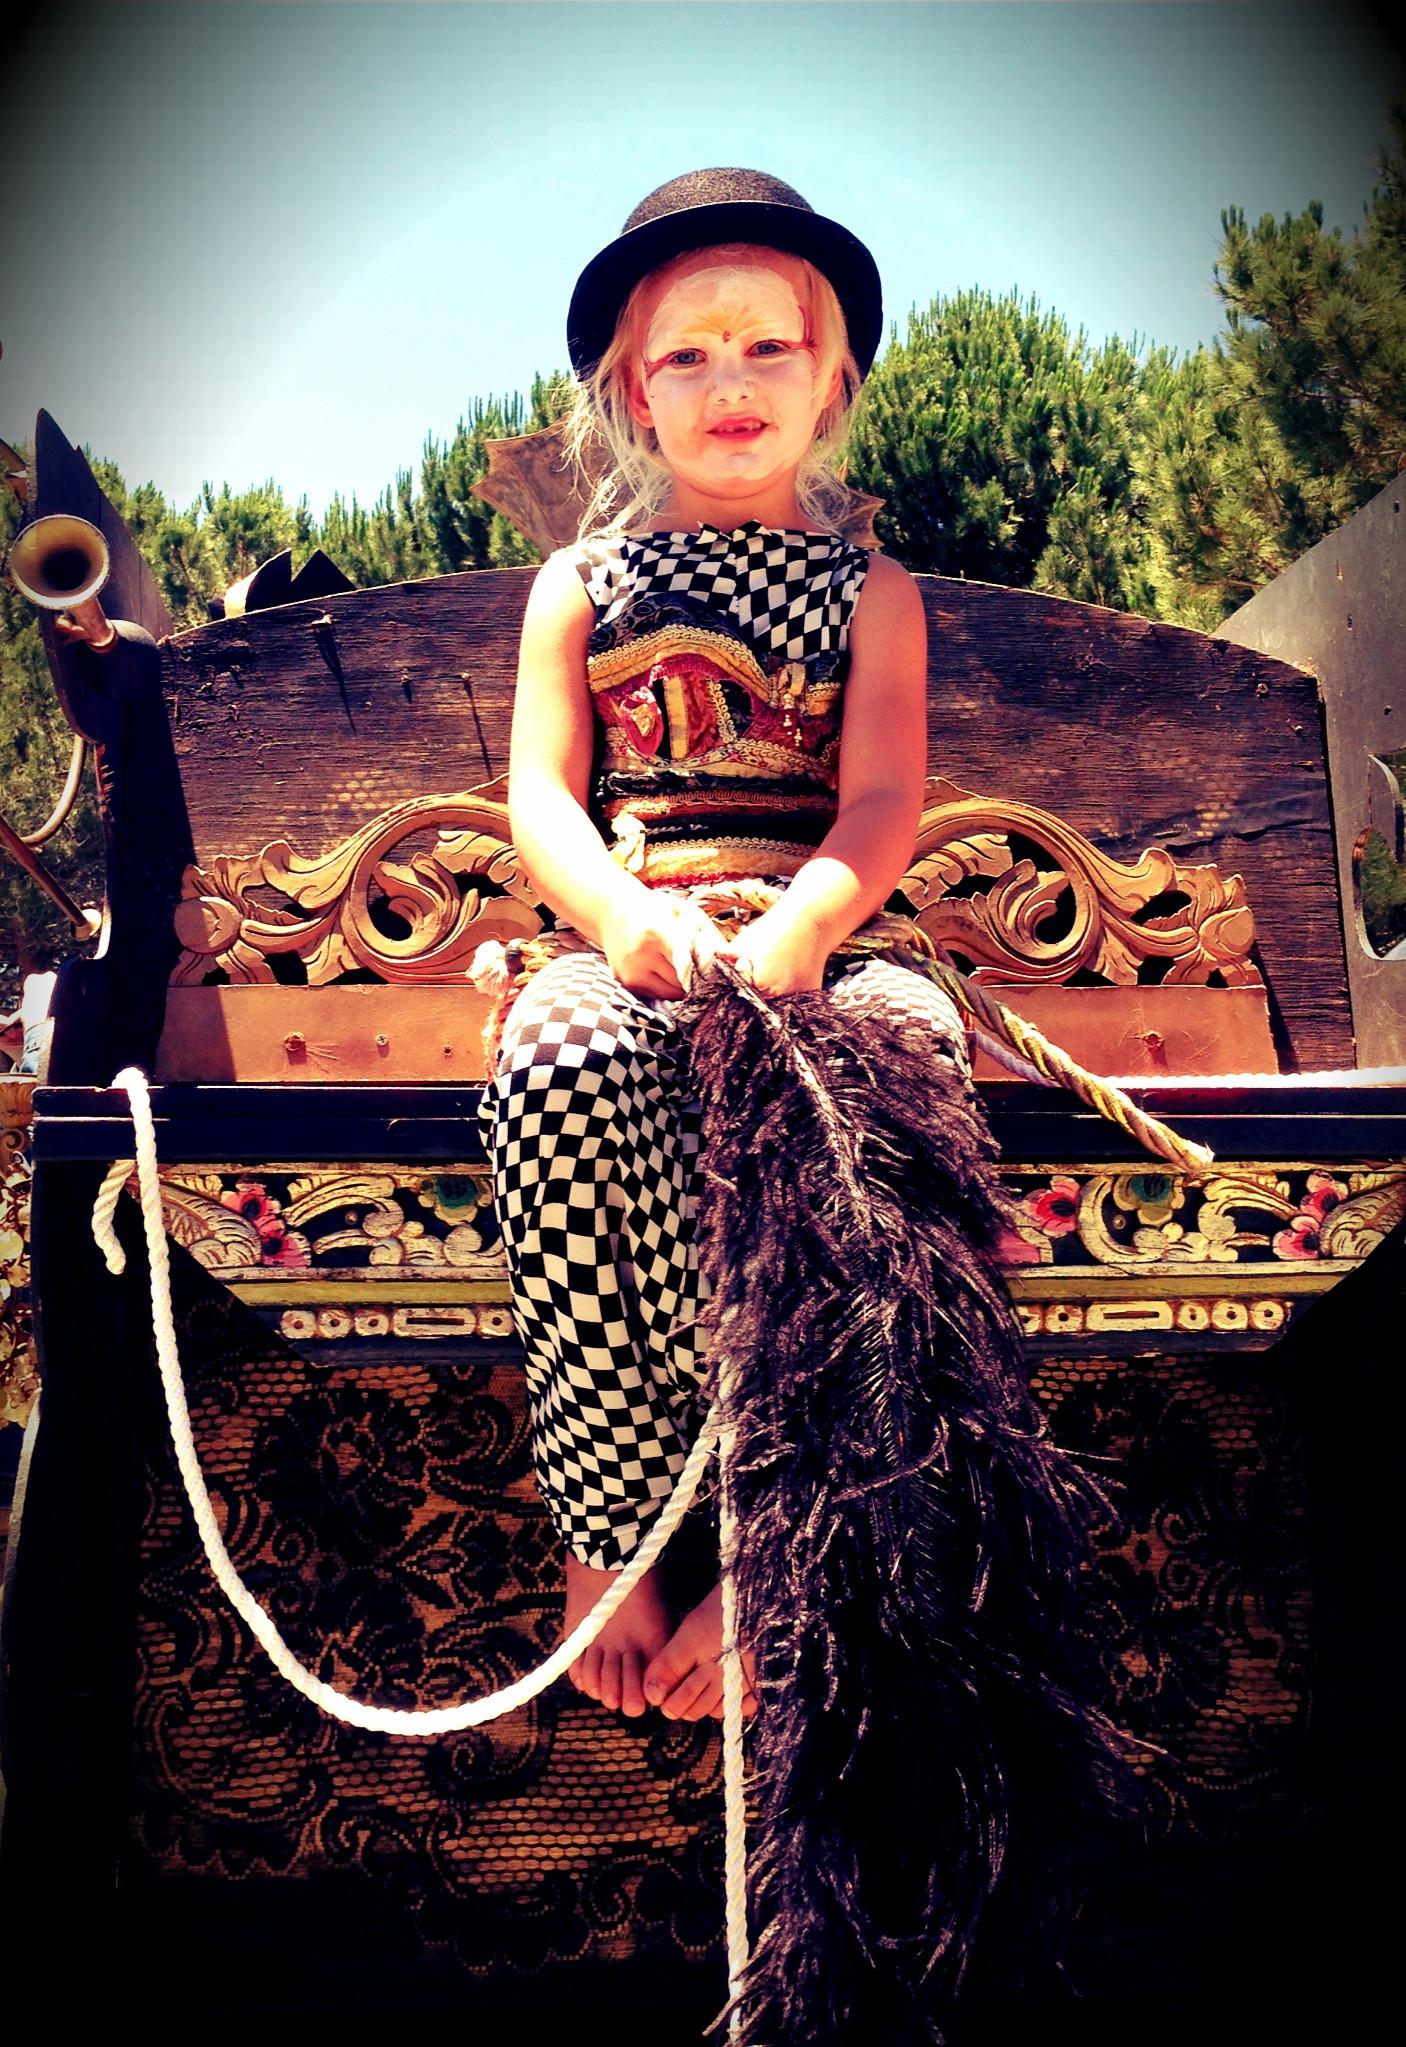 Girl From the Fair